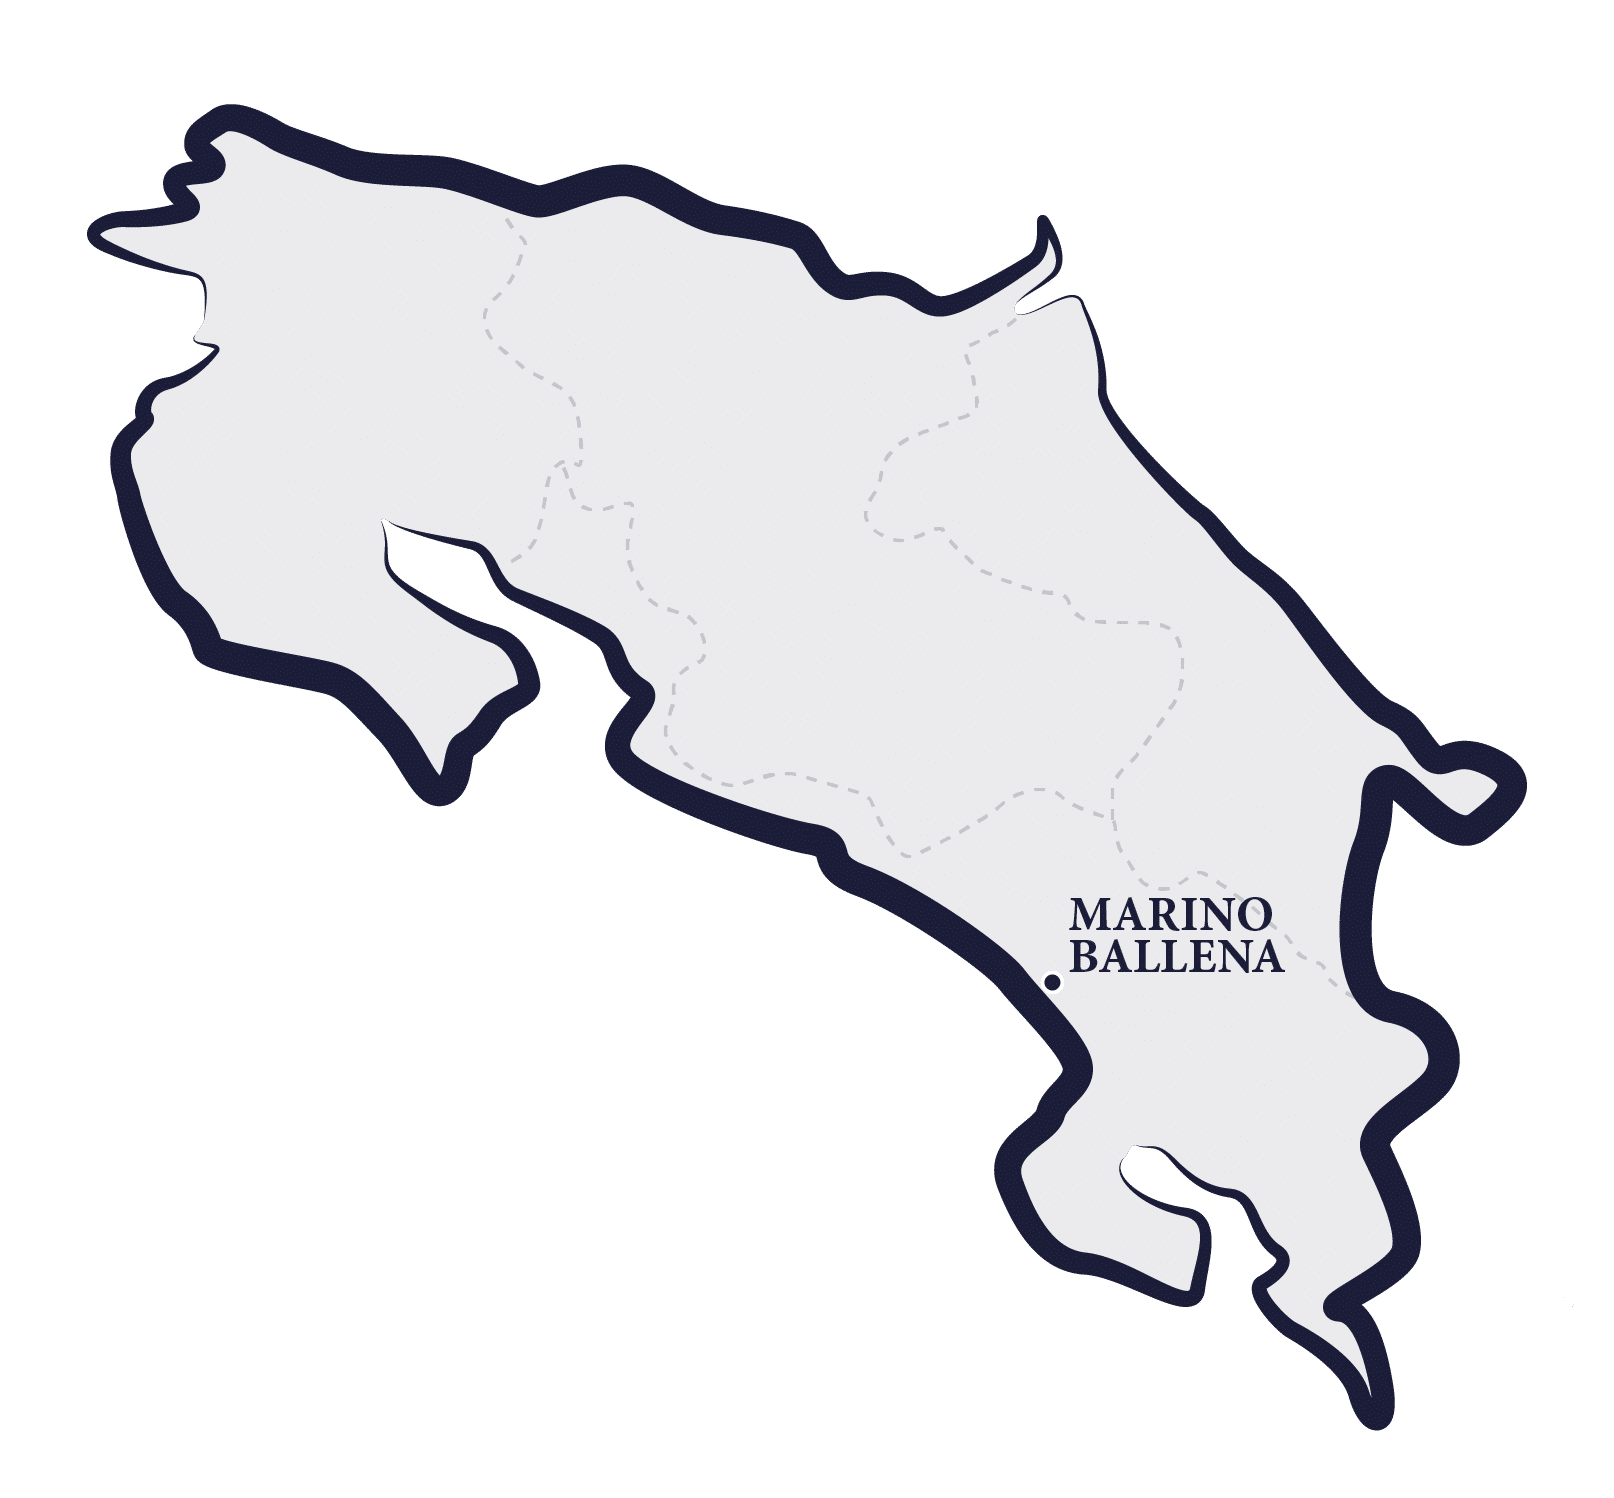 San José Costa Rica